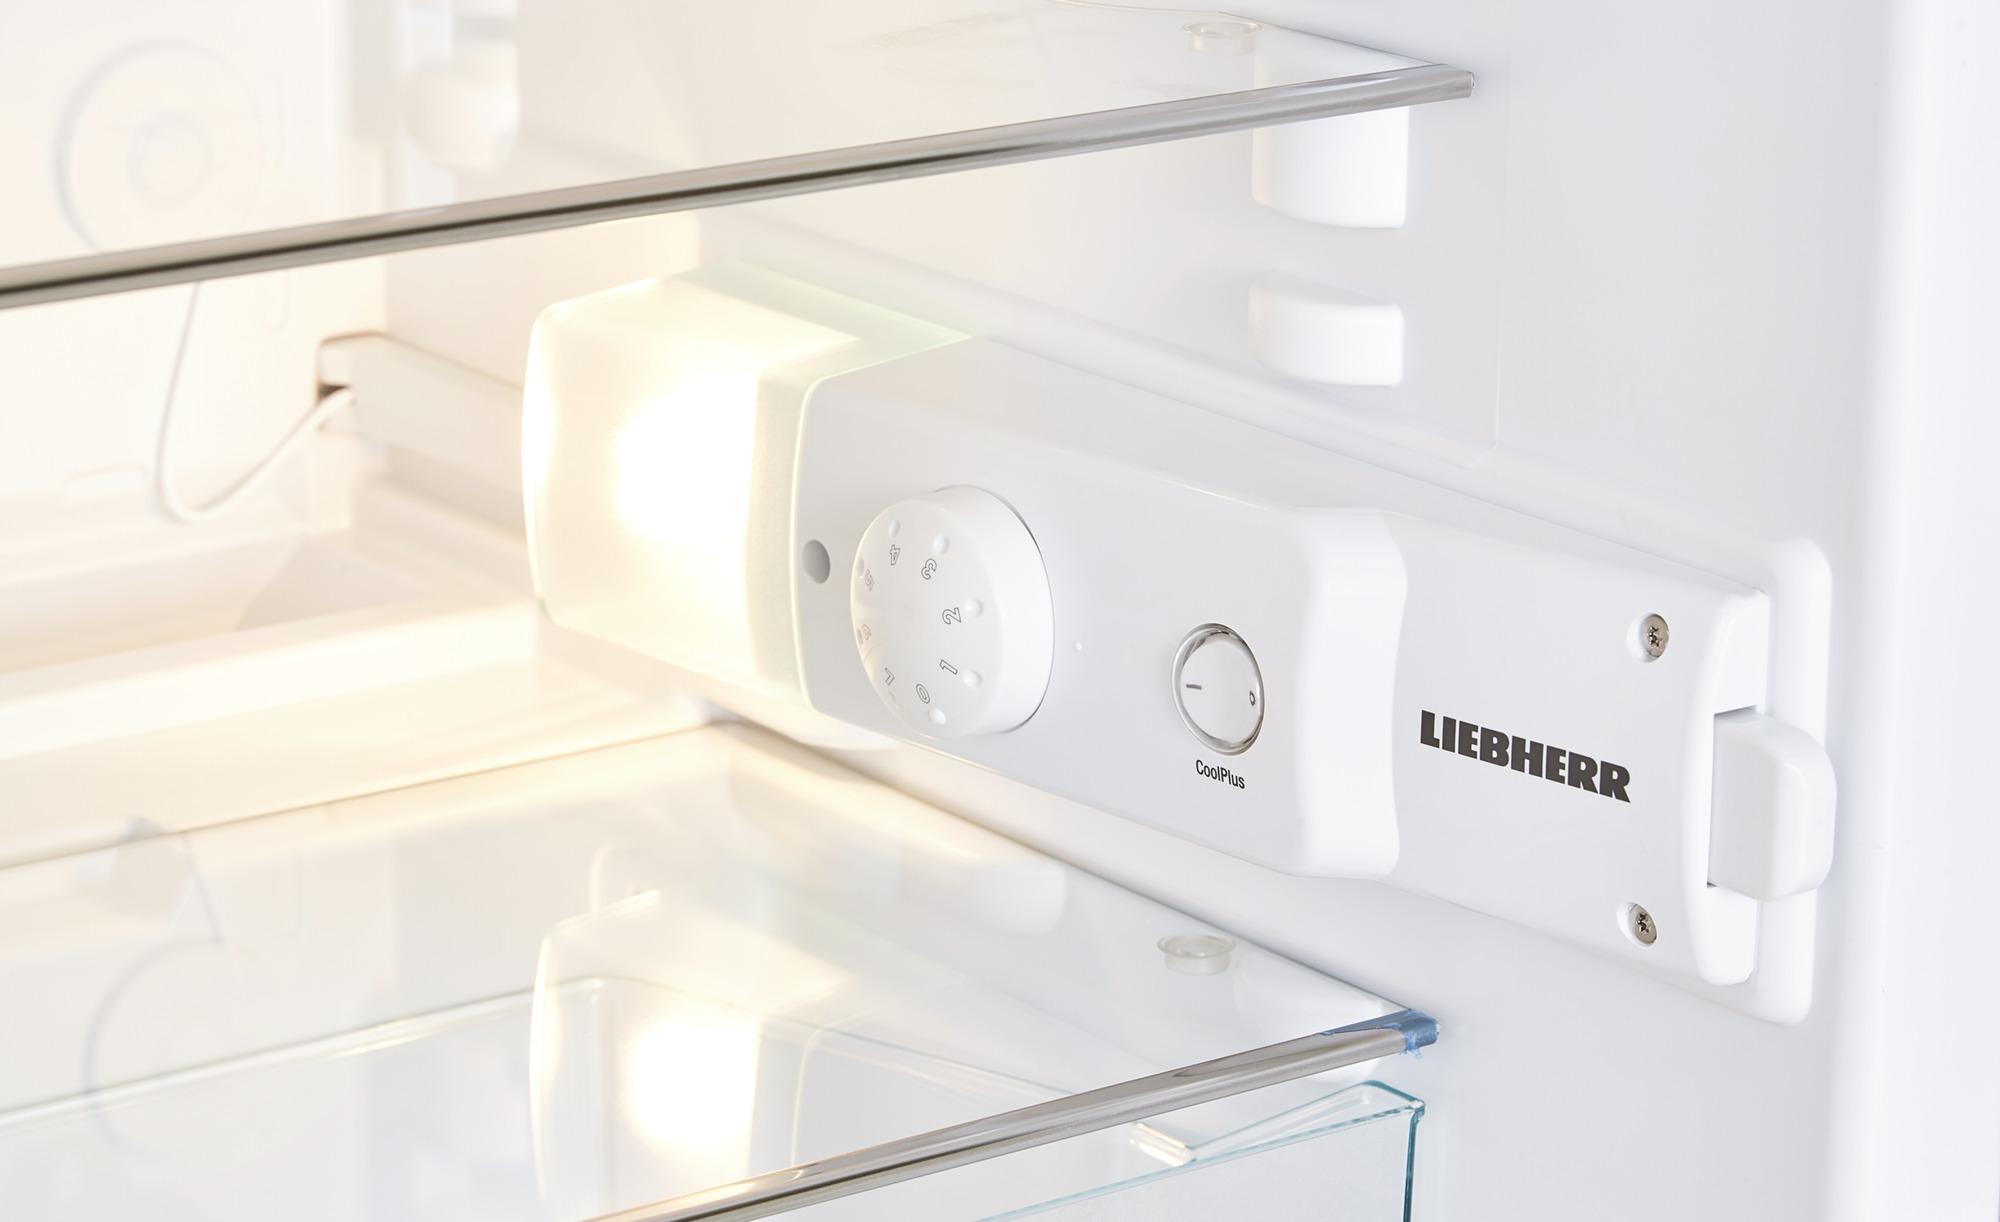 Kühlschrank Liebherr : Coole riesen der kühlschrank in der wohnküche bild